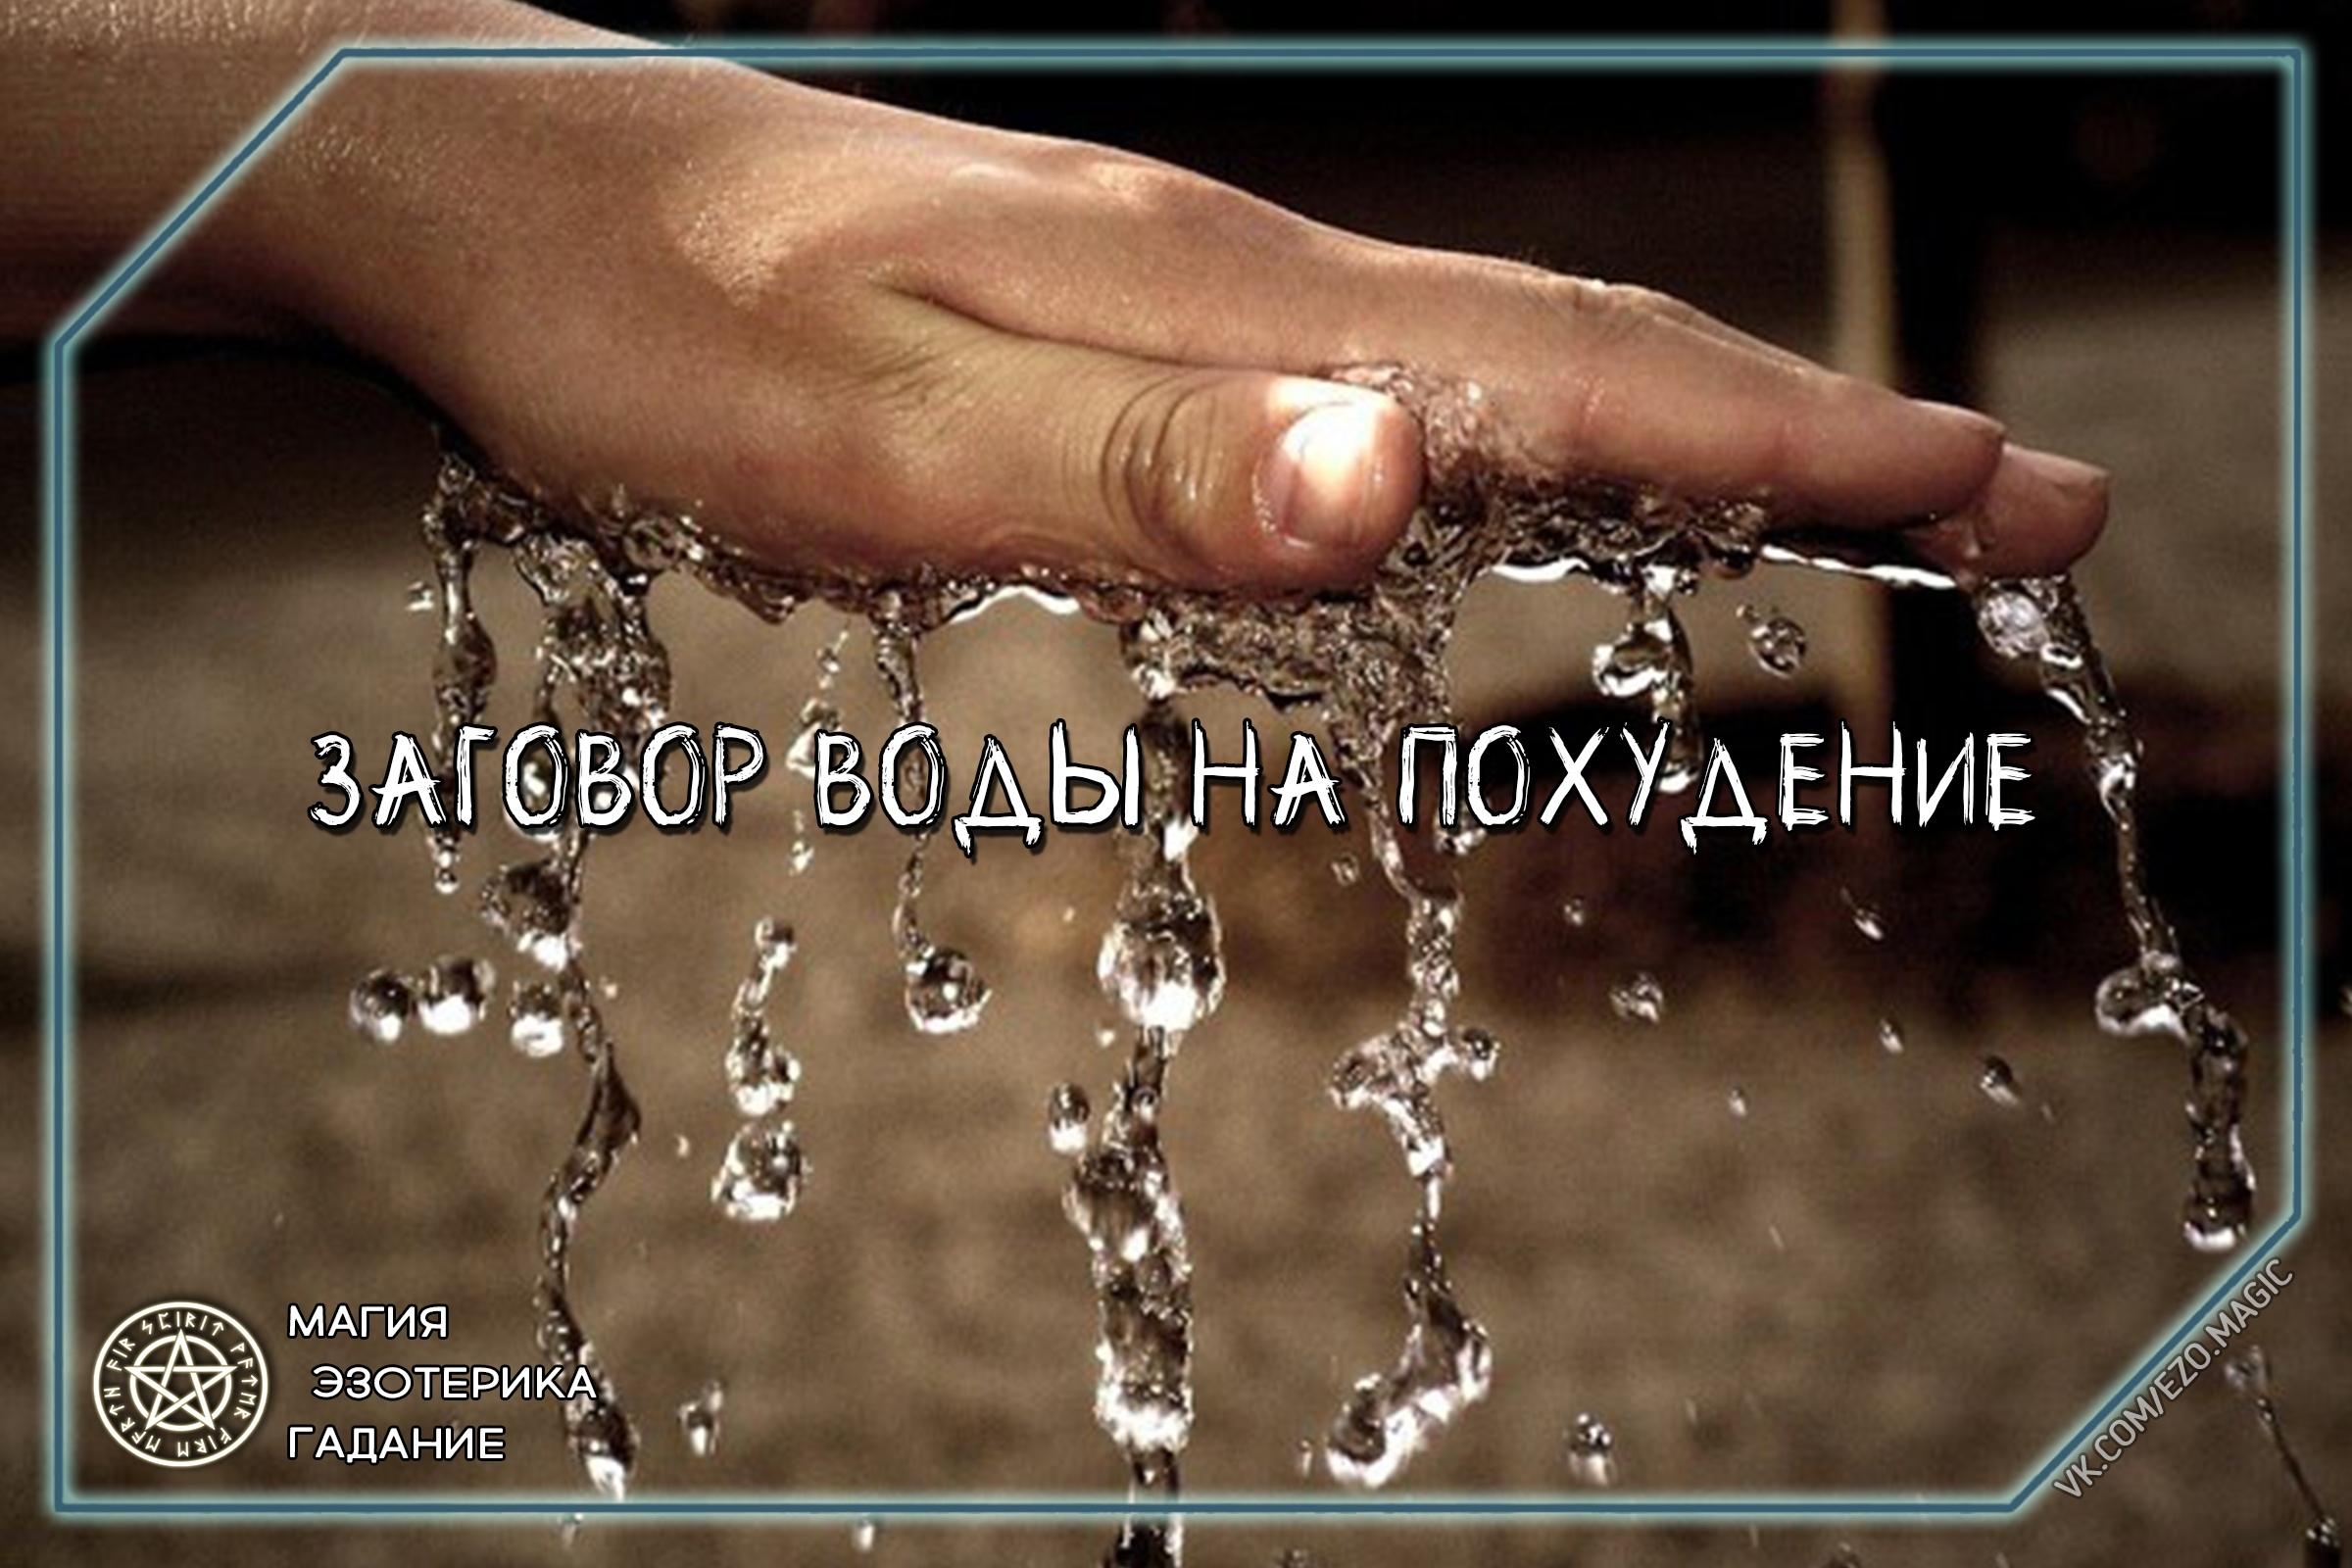 Похудеть На Святой Воде. Ритуалы на похудение с помощью магии воды...